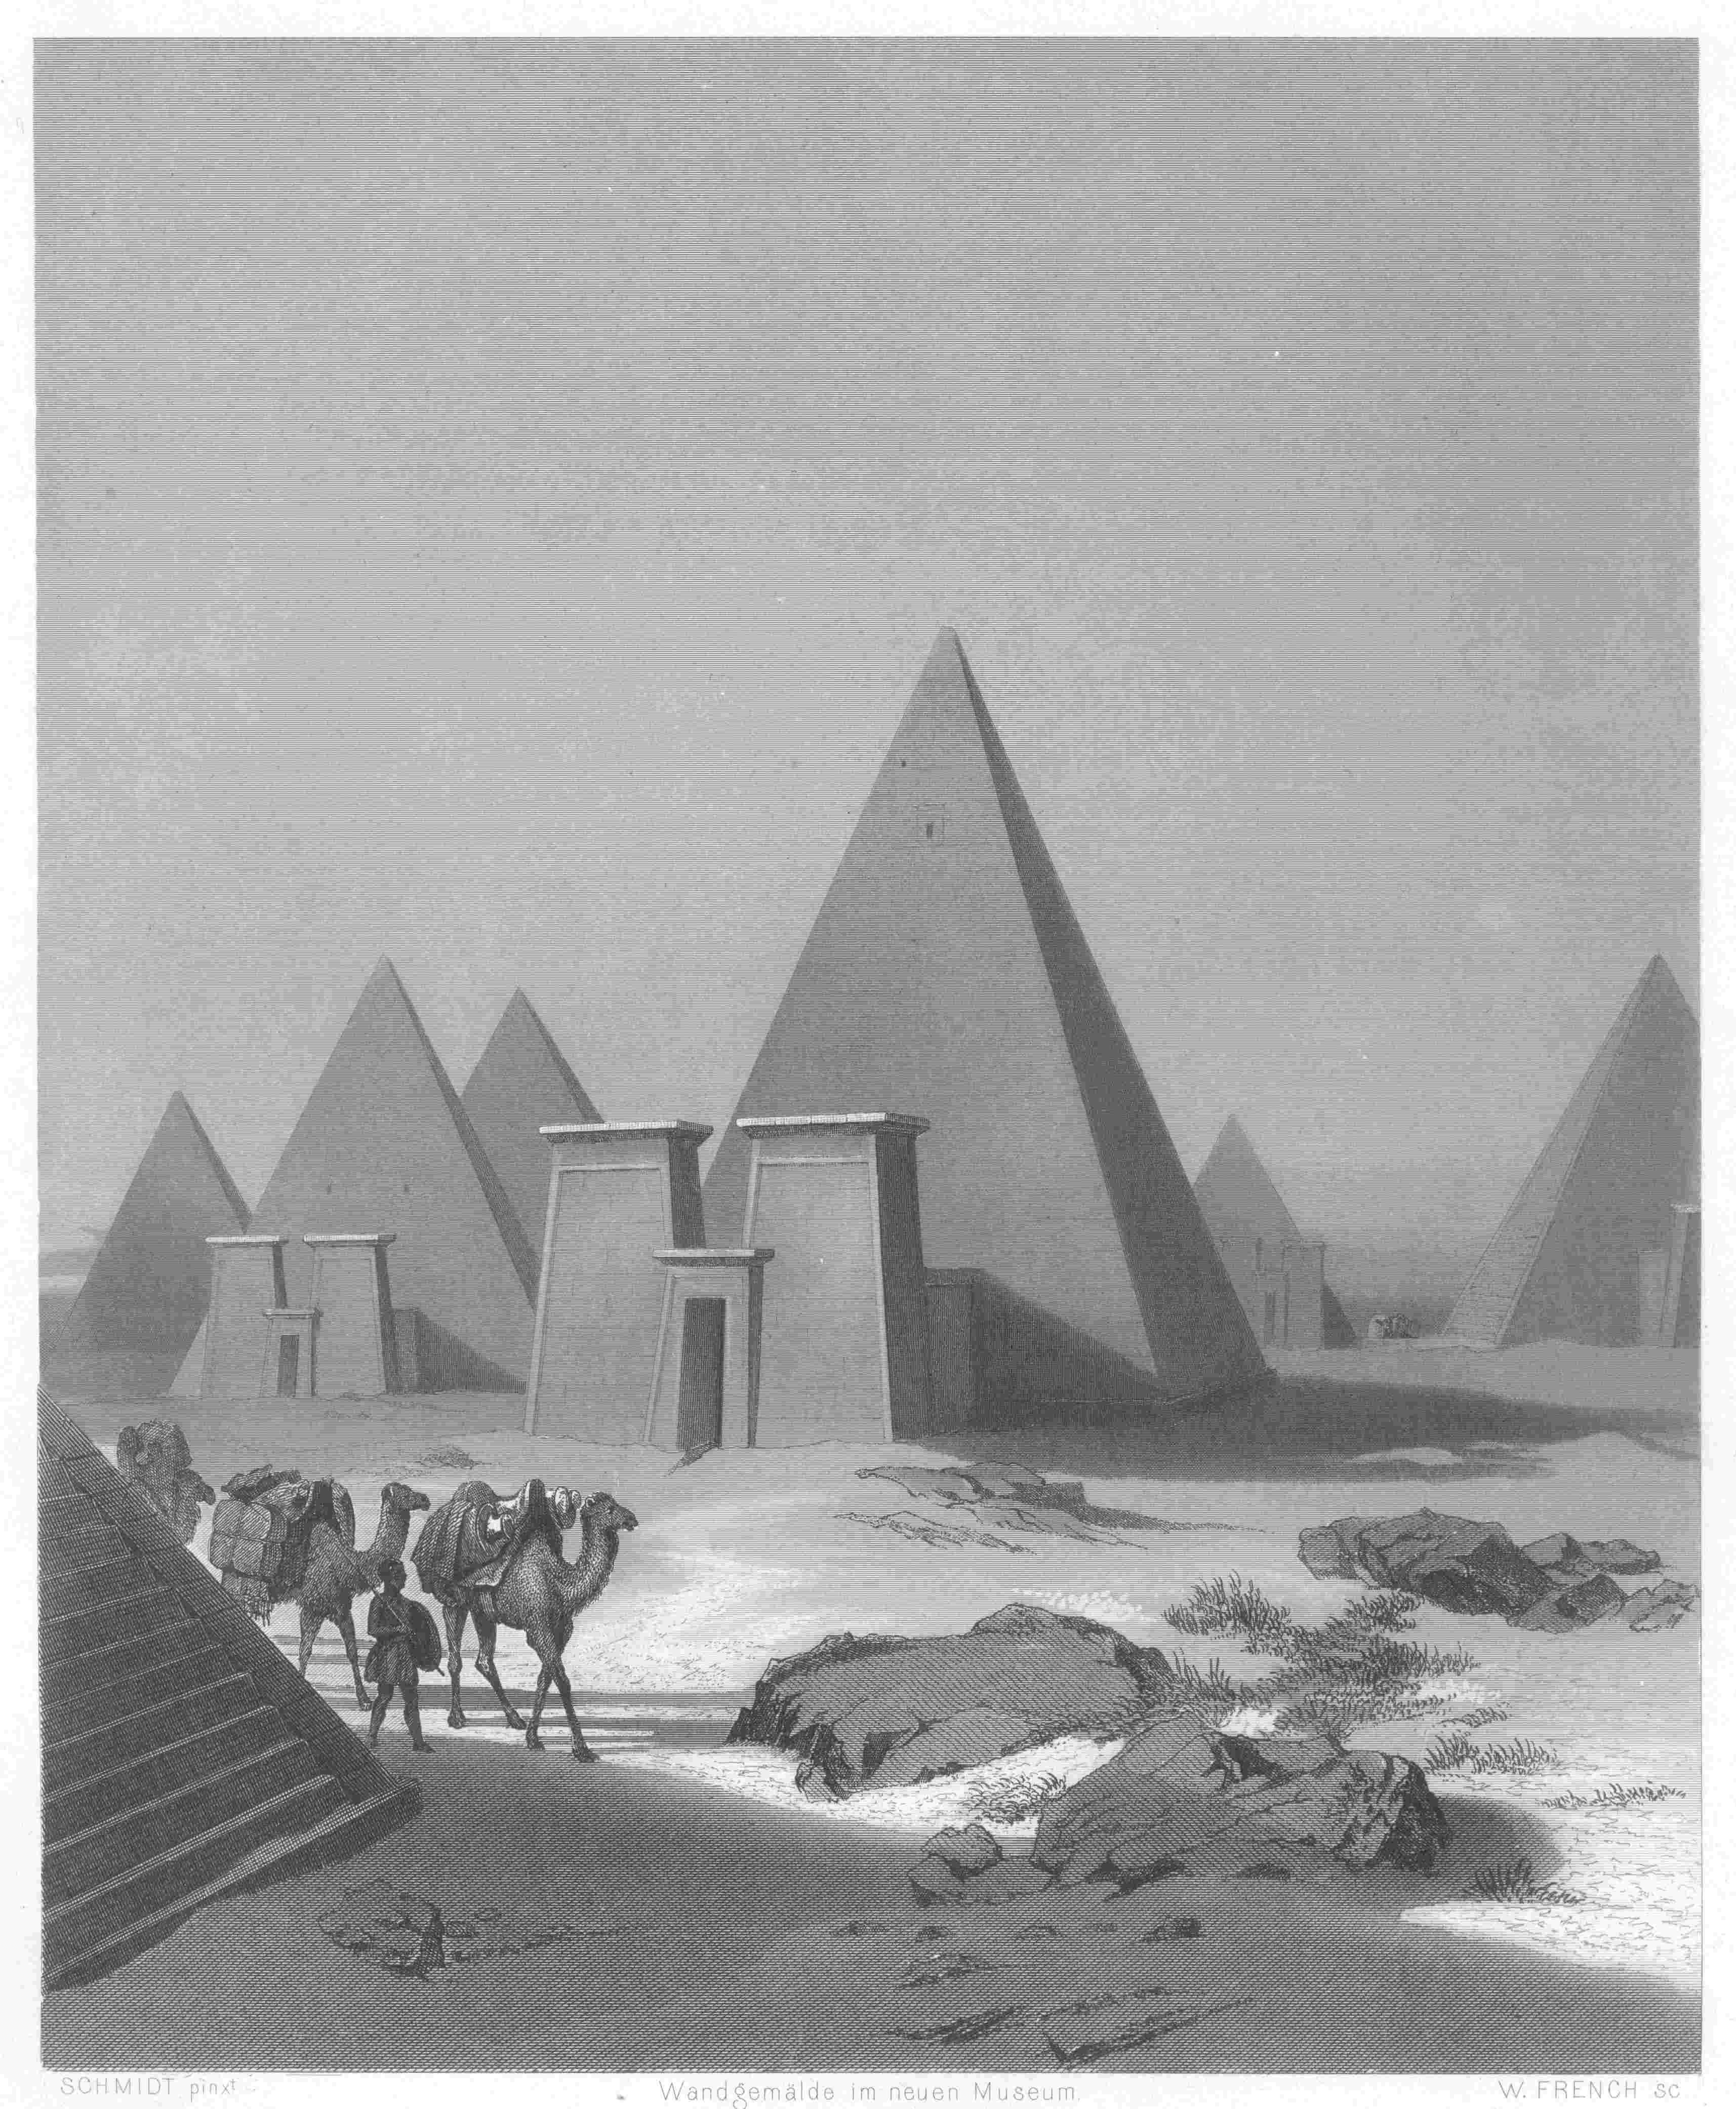 Die_Pyramiden_von_Meroe_French_nach_Schm